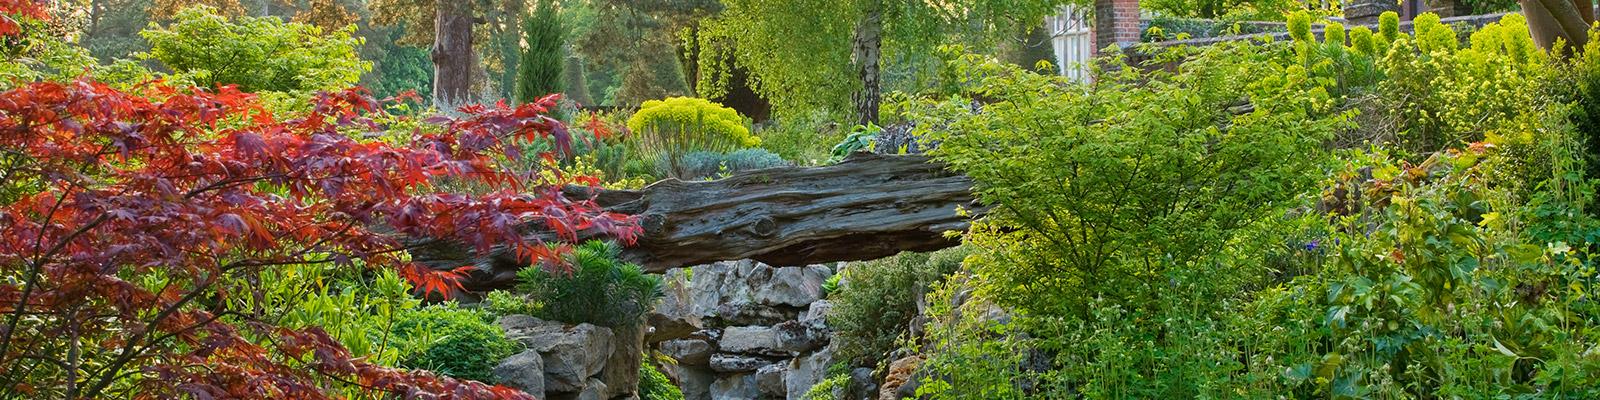 Doddington Place Gardens - Rock Garden